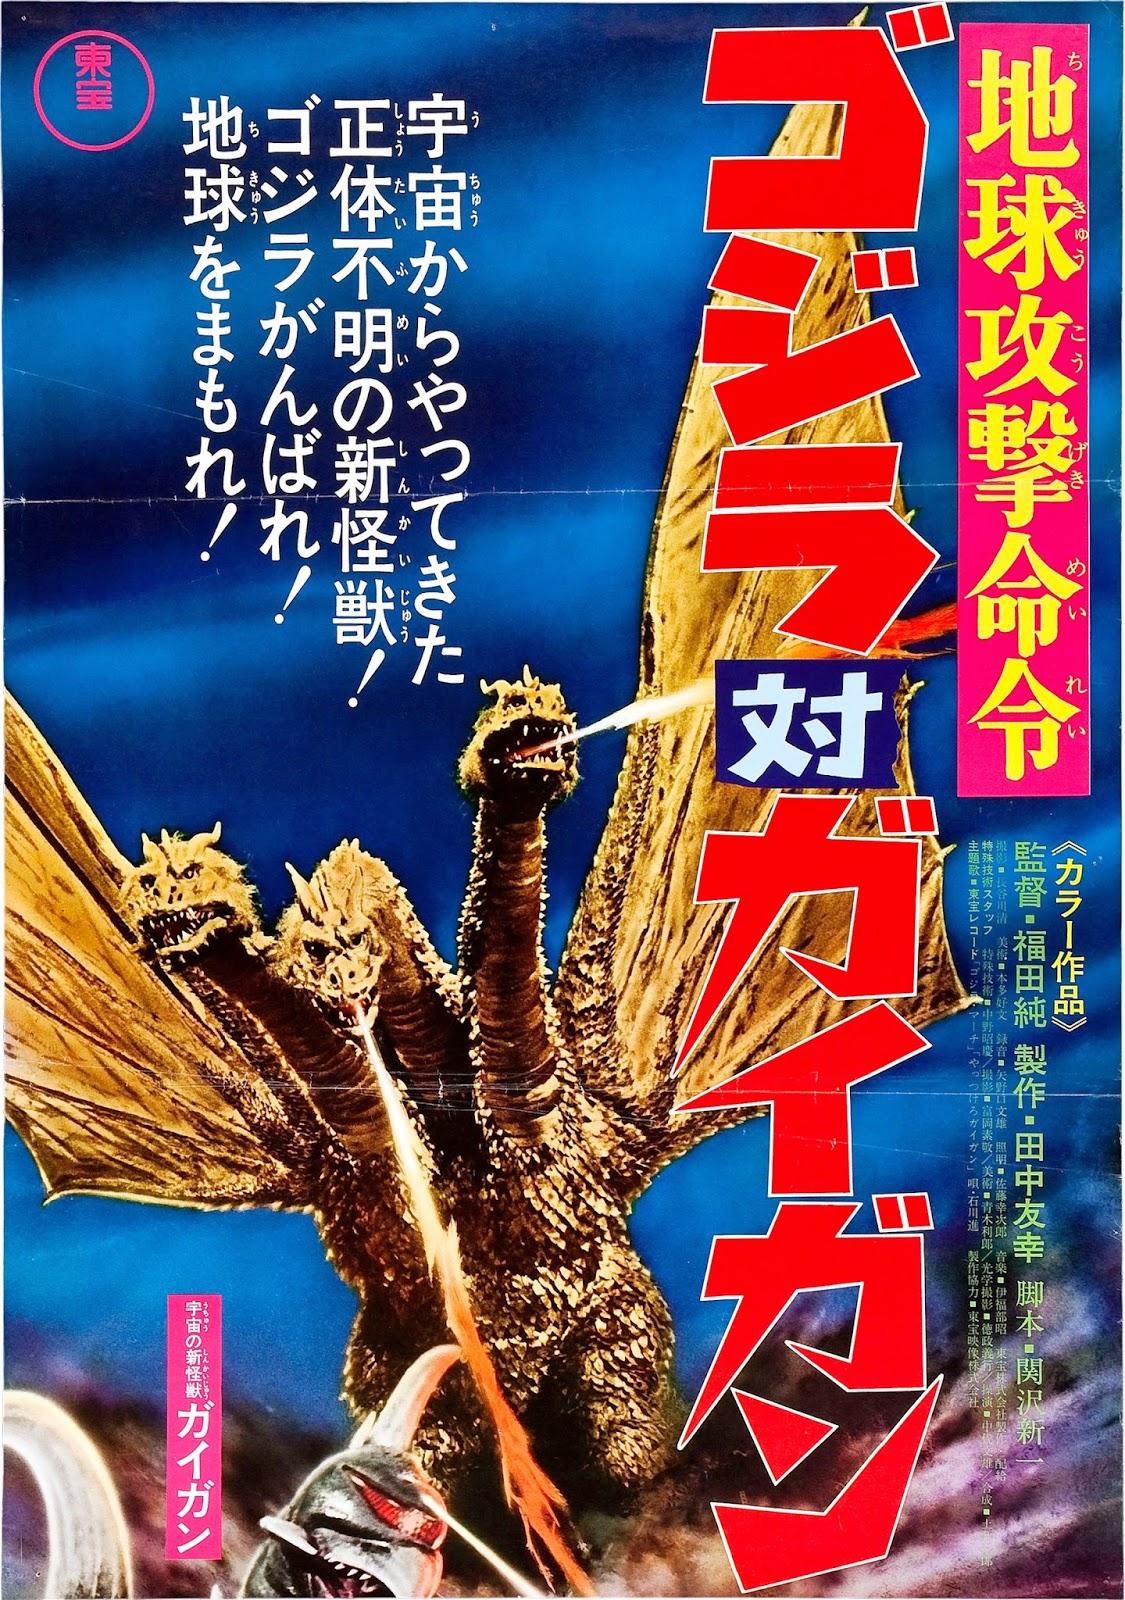 http://fr.wikipedia.org/wiki/Godzilla_vs_Gigan